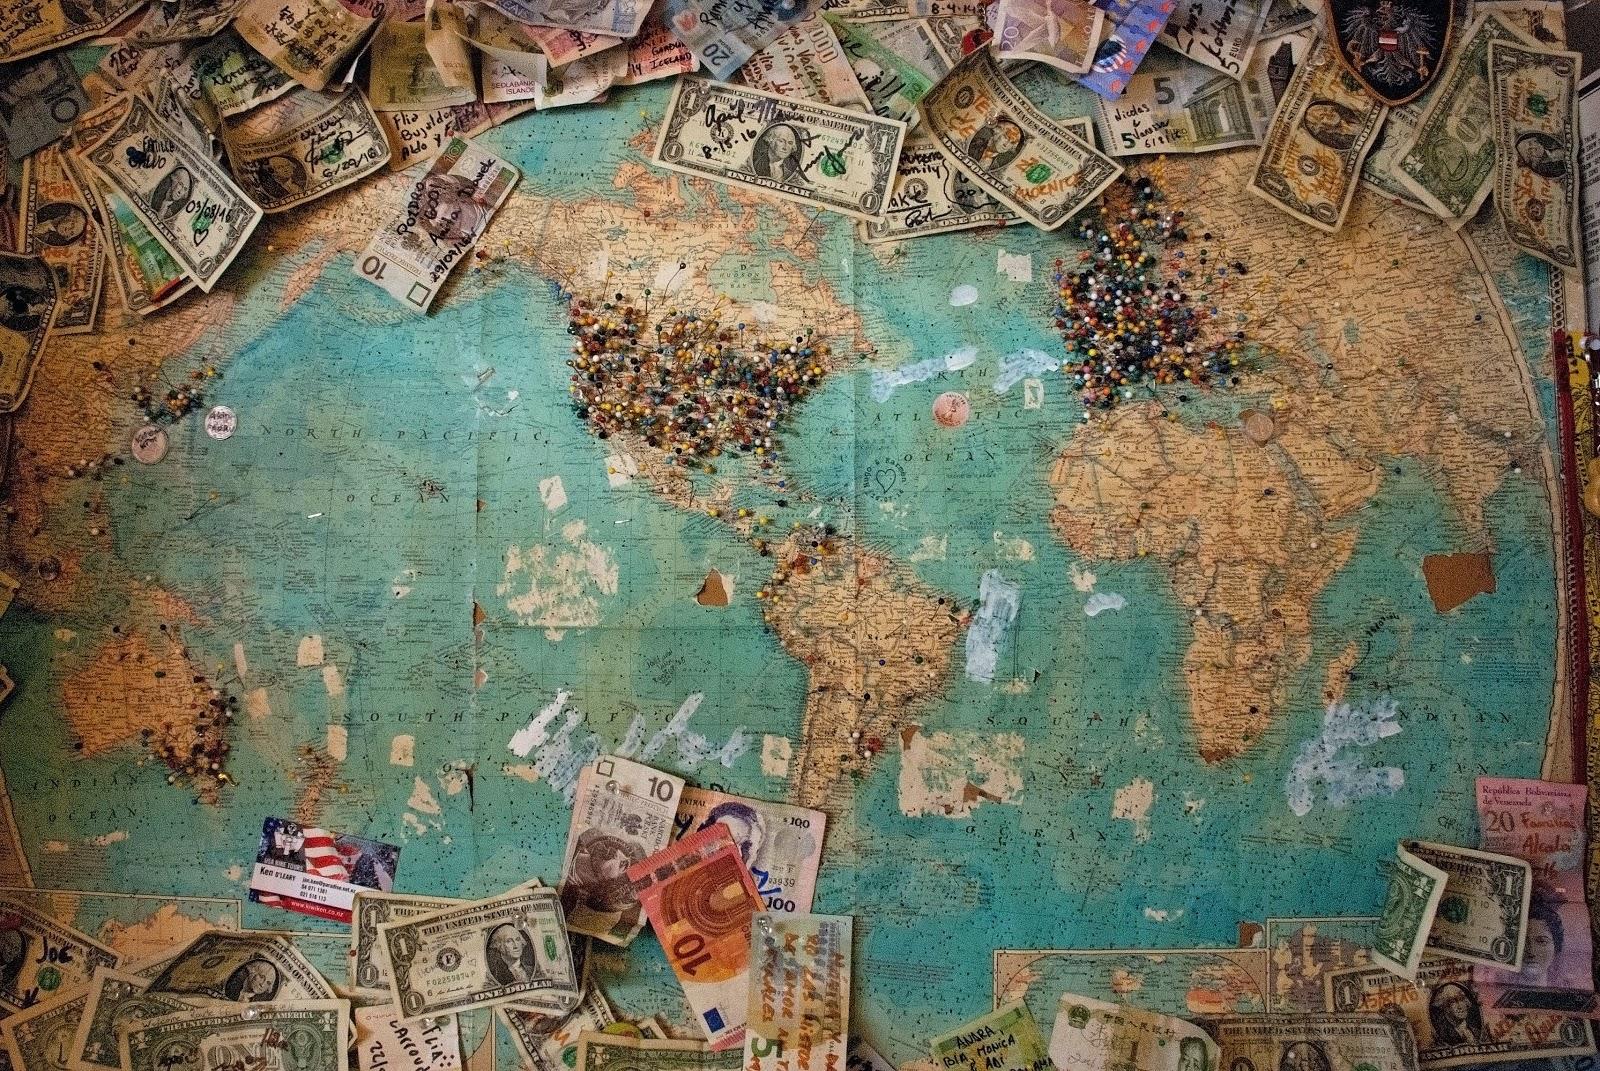 """每天问自己:""""想实现财务自由吗?""""六种被动收入渠道了解一下"""